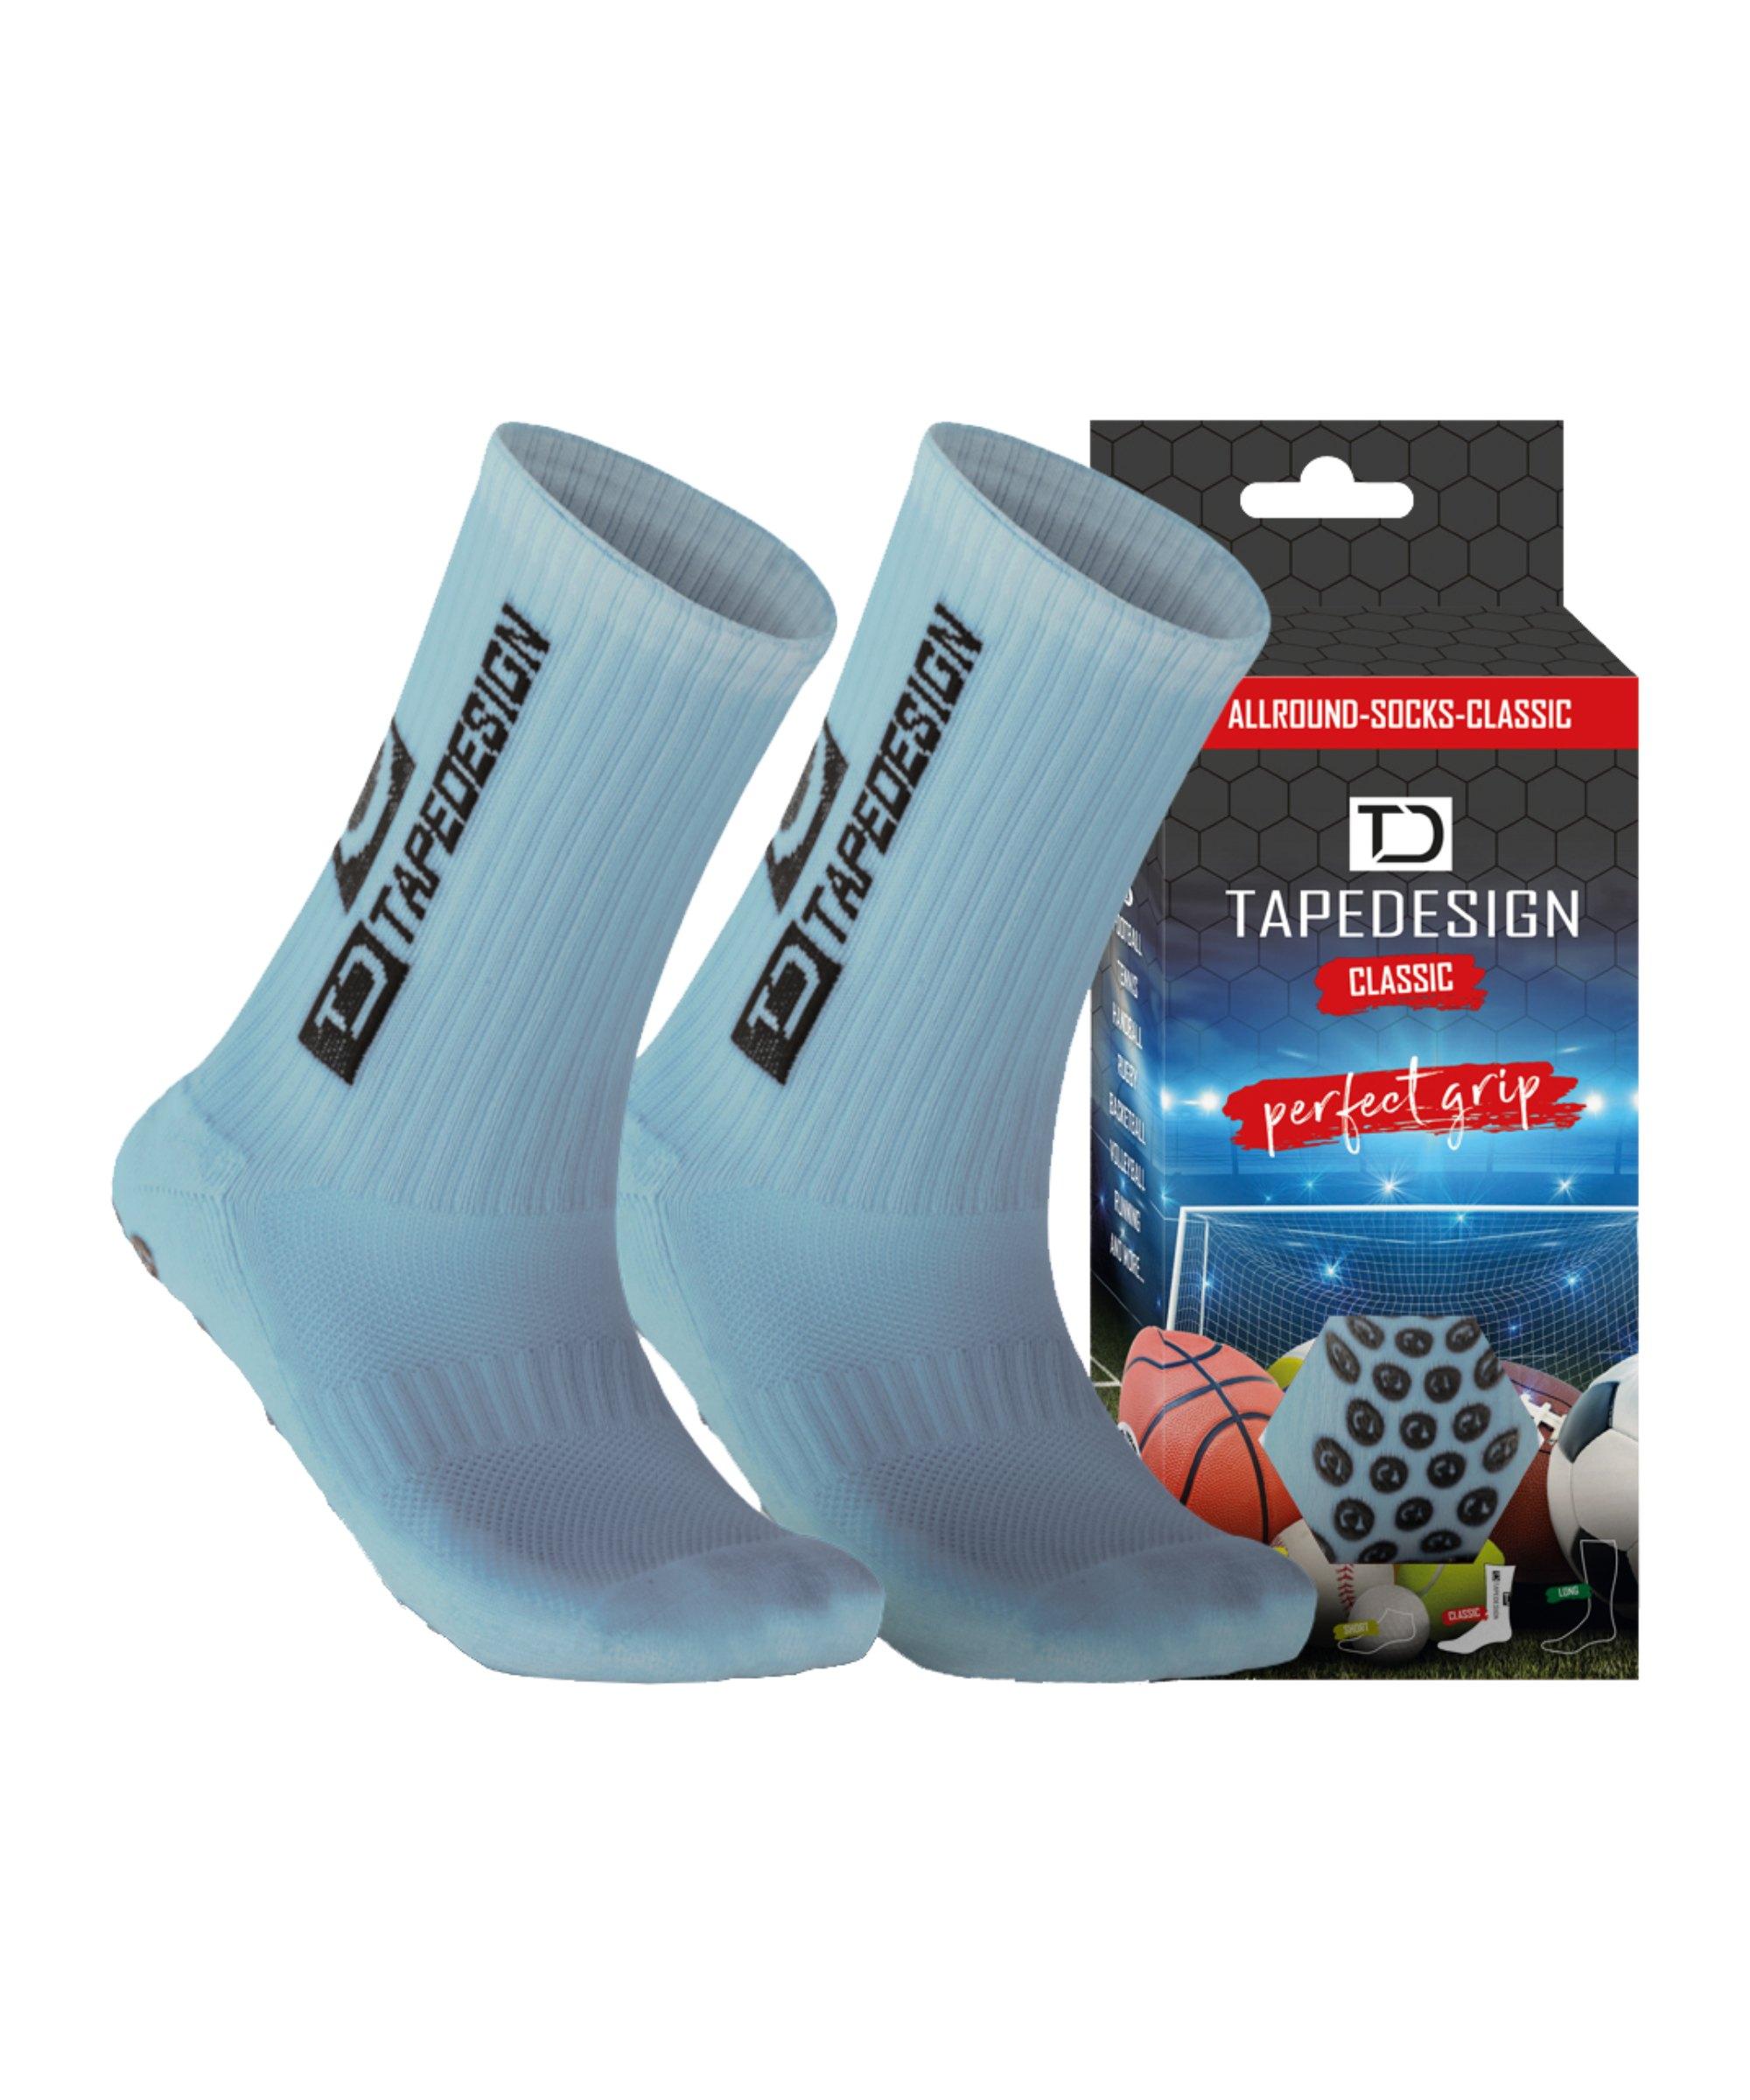 Tapedesign Socks Socken Hellblau F012 - blau